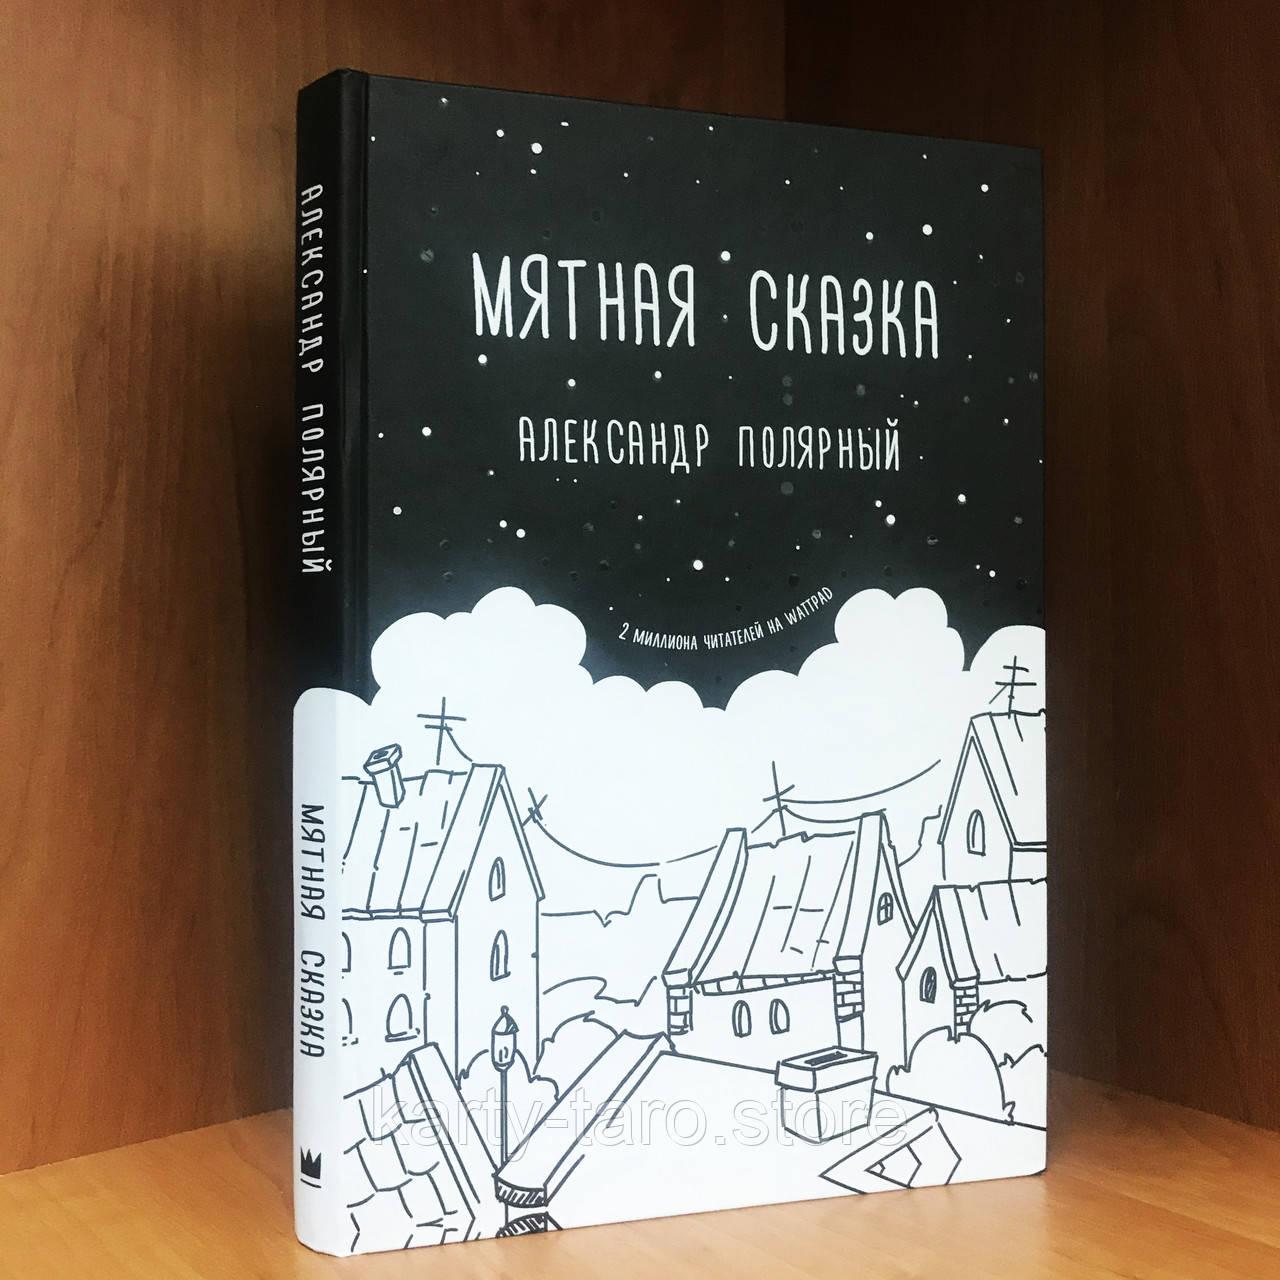 Книга М'ятна казка АСТ - Олександр Полярний